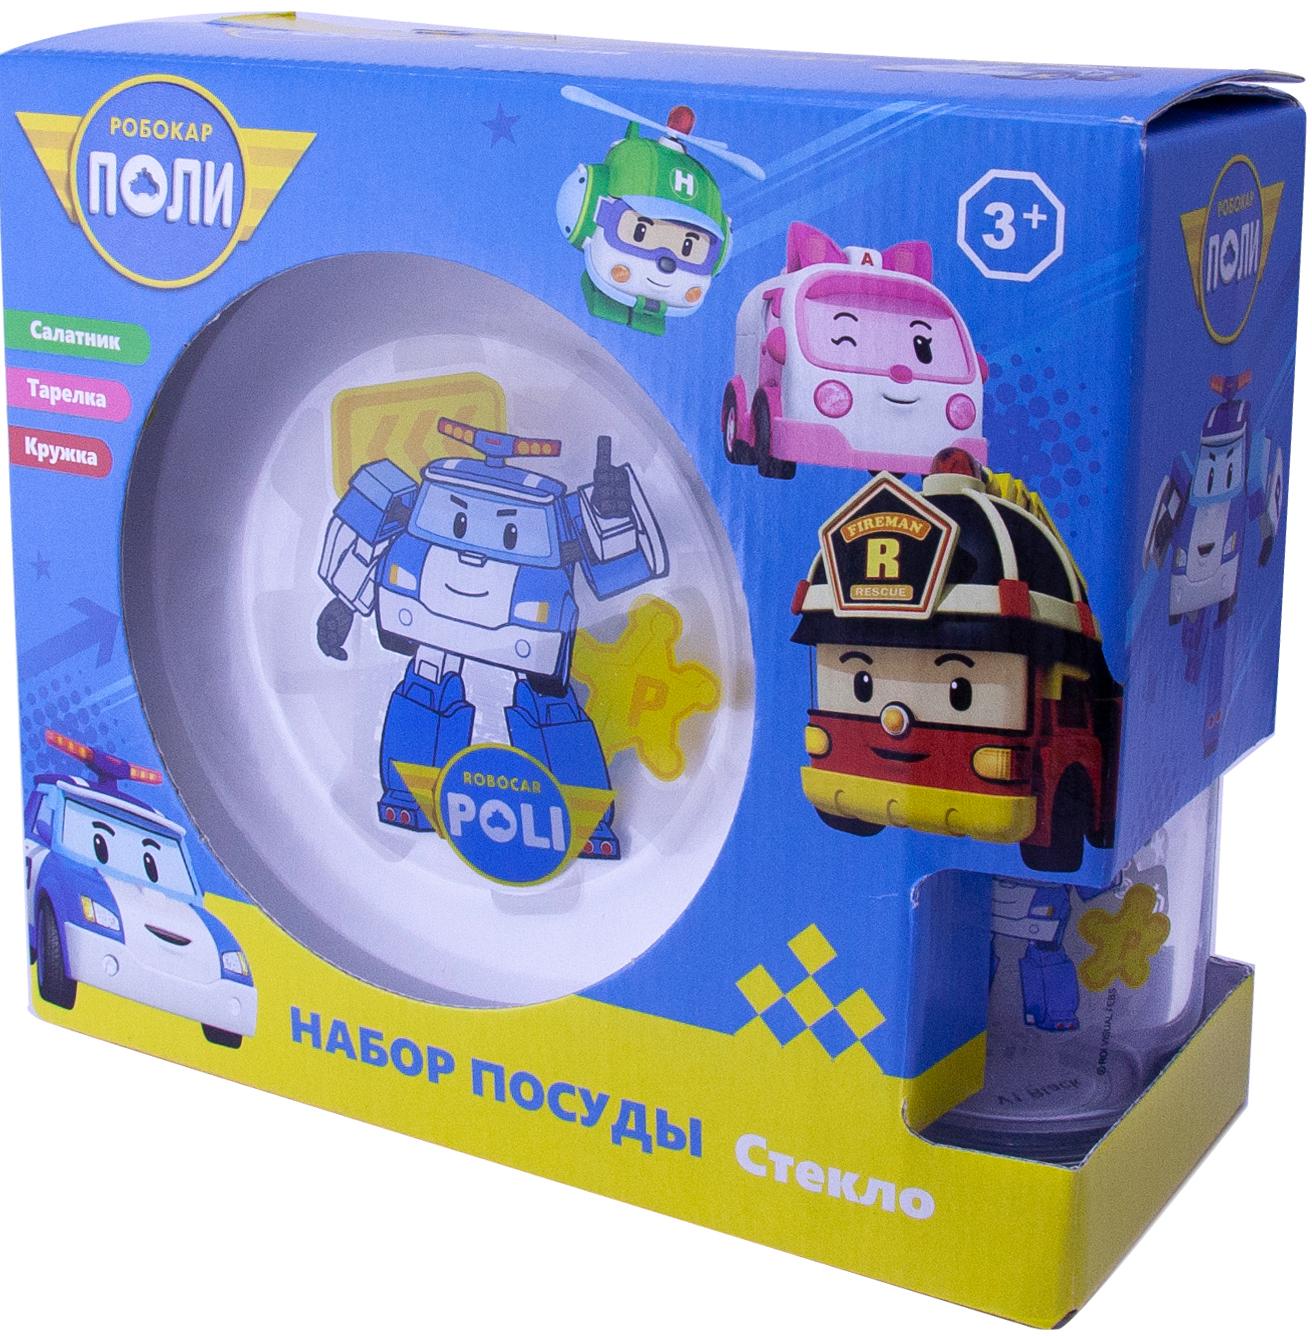 Набор посуды Робокар: Поли Поли (матовый, стекло) набор игровой робокар поли команда поли